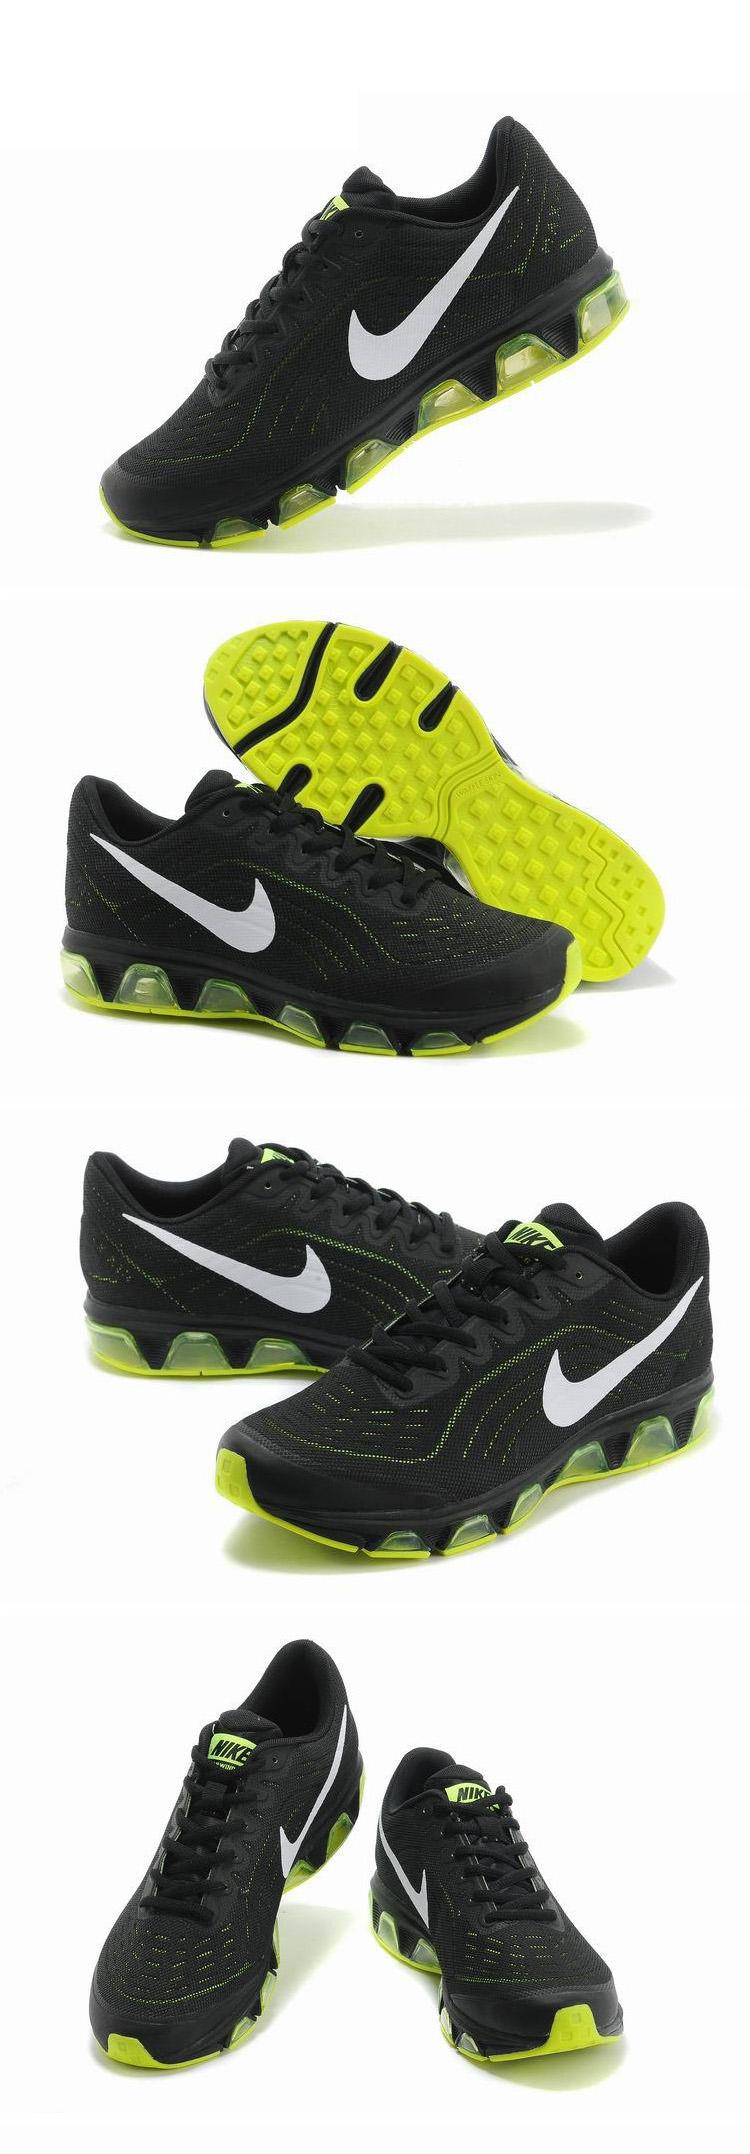 nike/耐克2014新款跑步鞋air